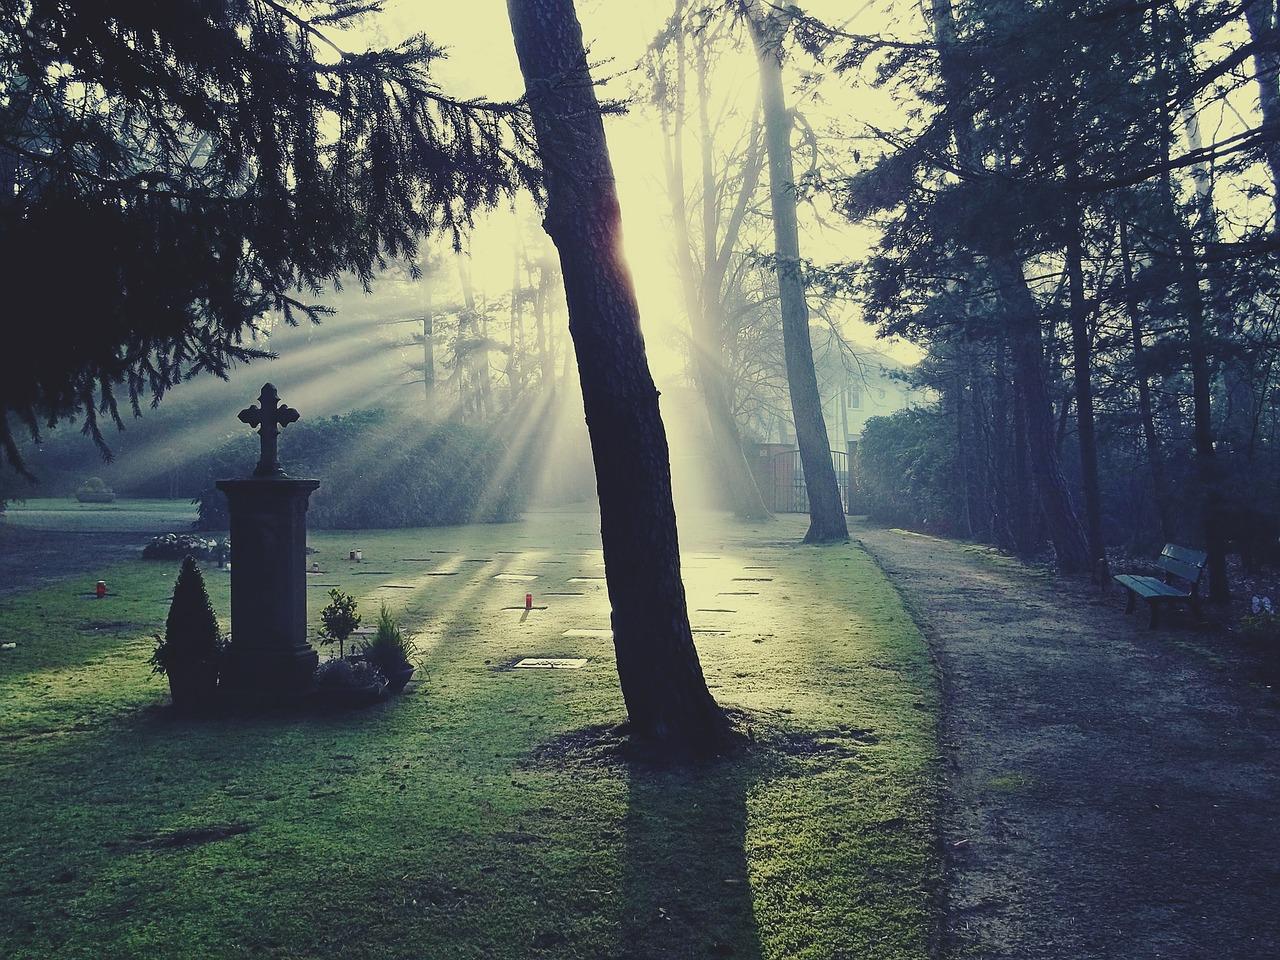 ostajemo li svjesni sebe nakon smrti